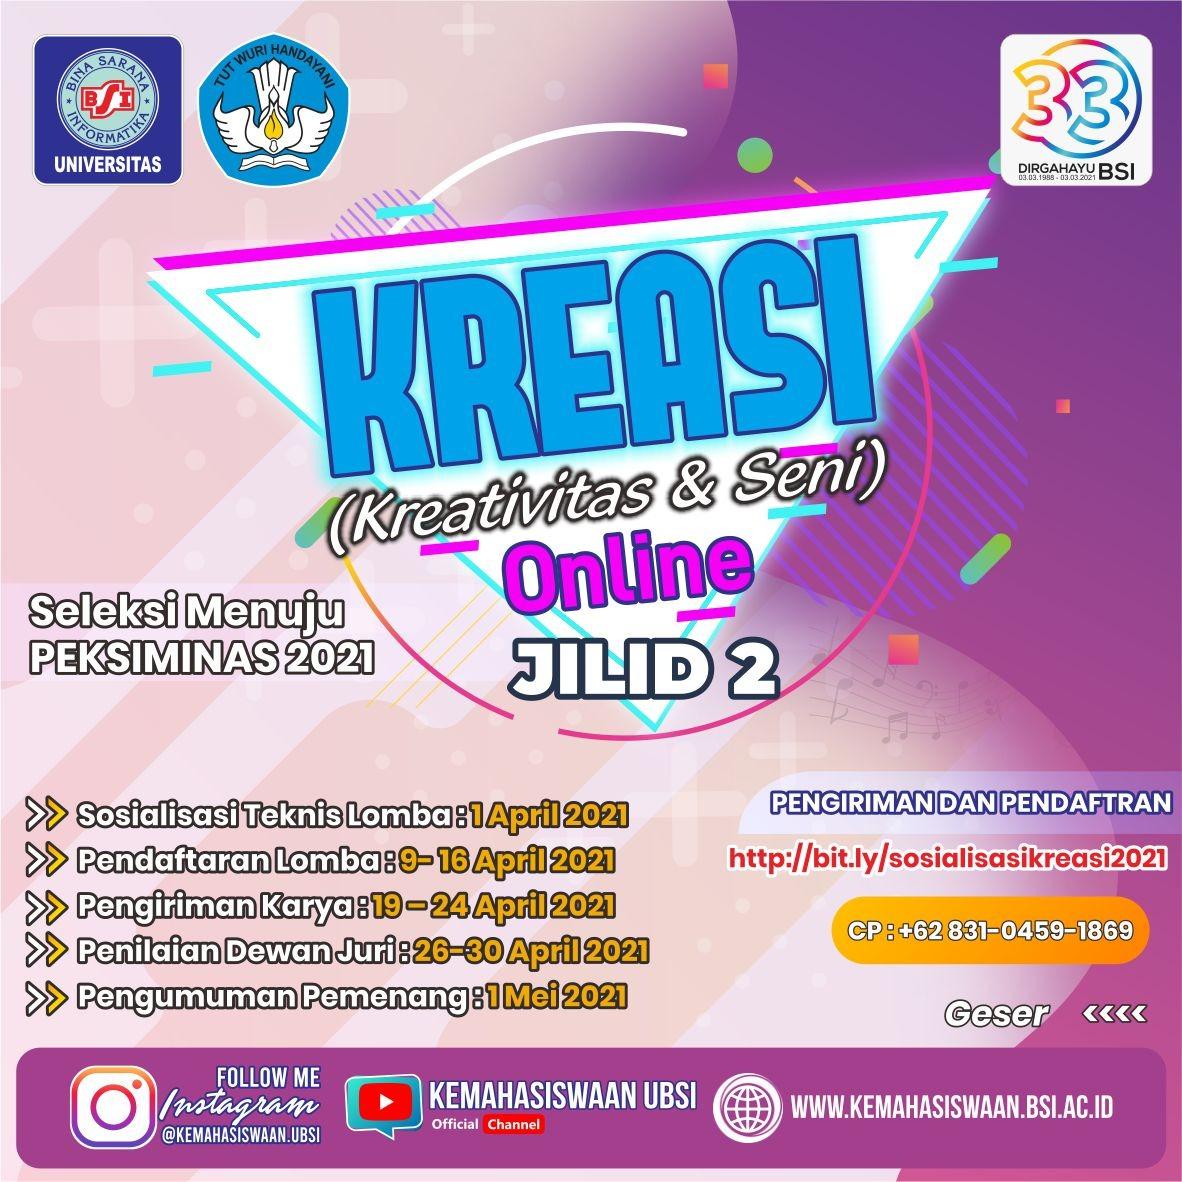 Lomba KREASI (Kreativitas dan Seni) Online Jilid II